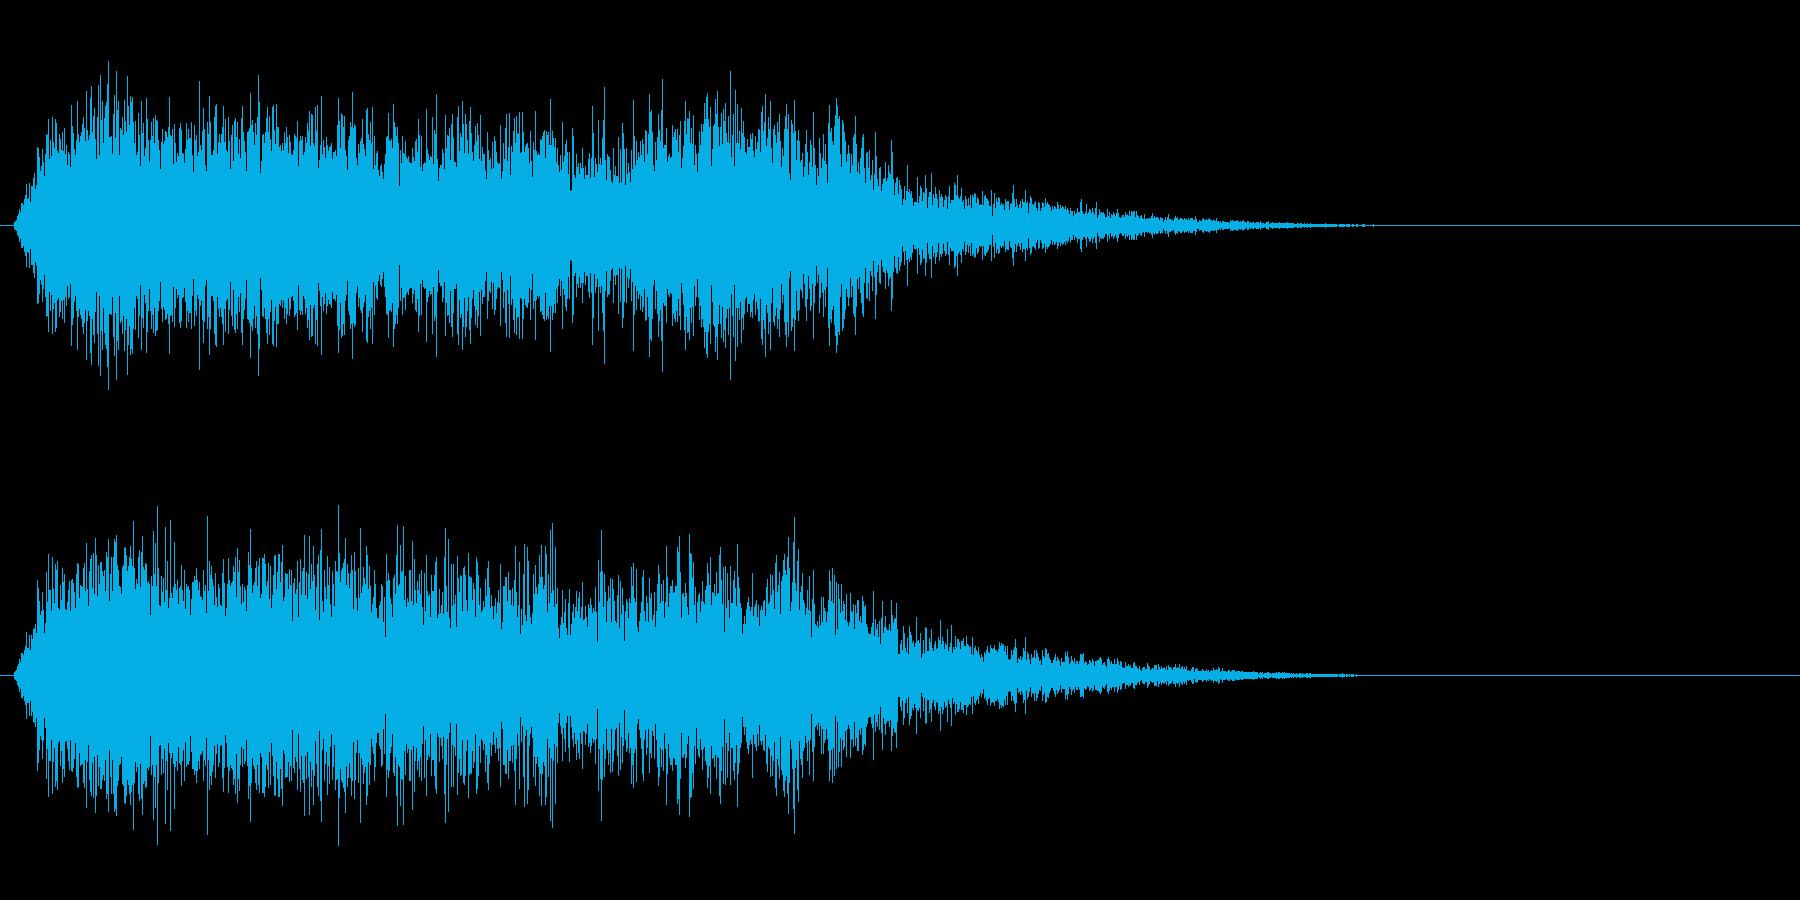 竜/ドラゴン/モンスターの鳴き声!02の再生済みの波形